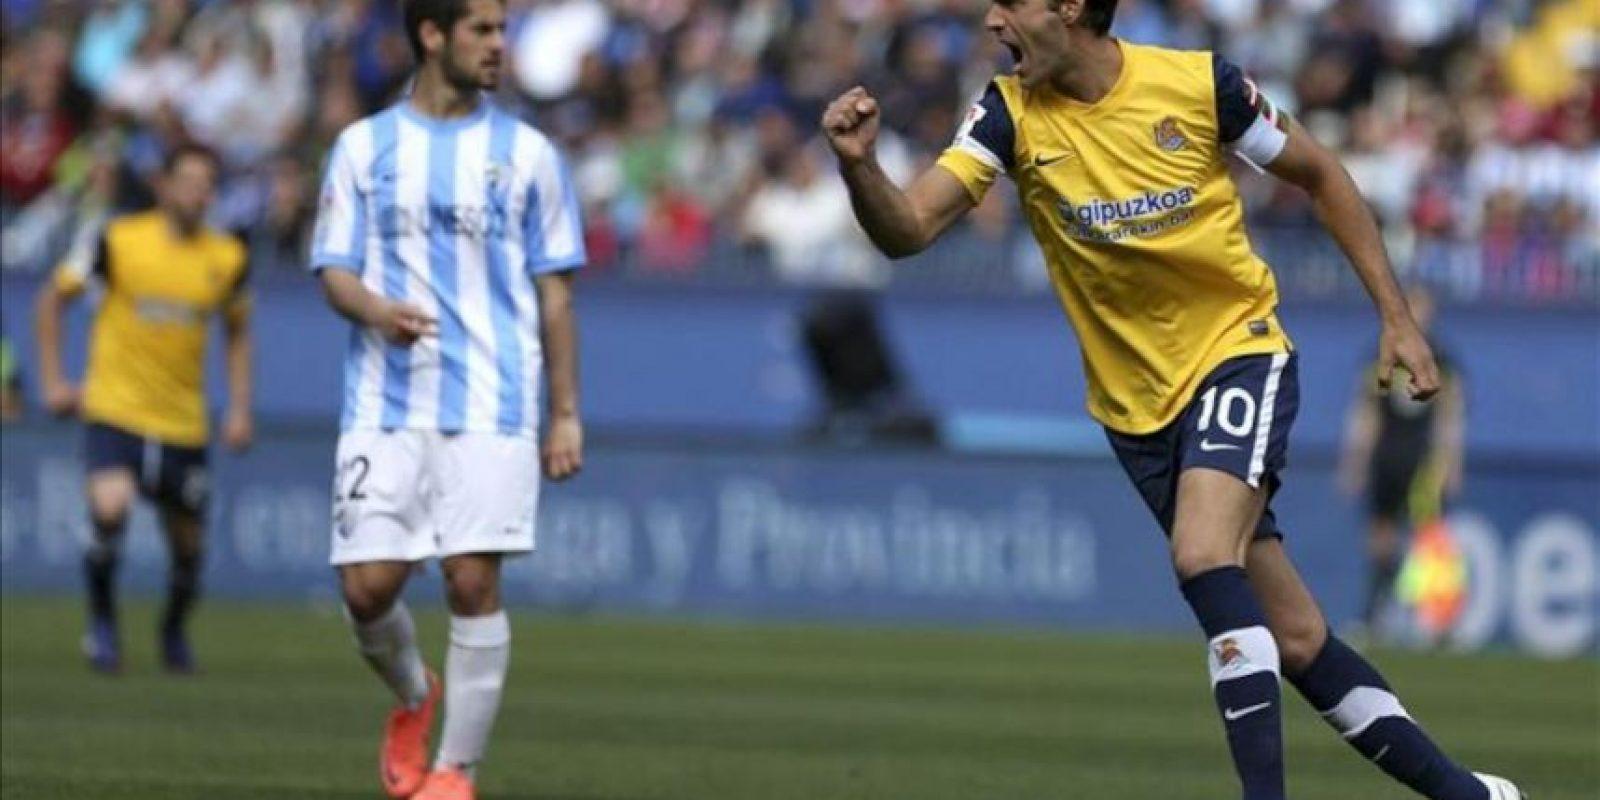 El centrocampista de la Real Sociedad Xabi Prieto celebra su gol, el del empate a uno, durante el partido, correspondiente a la trigésimo cuarta jornada de la Liga de Primera División en el estadio de La Rosaleda. EFE